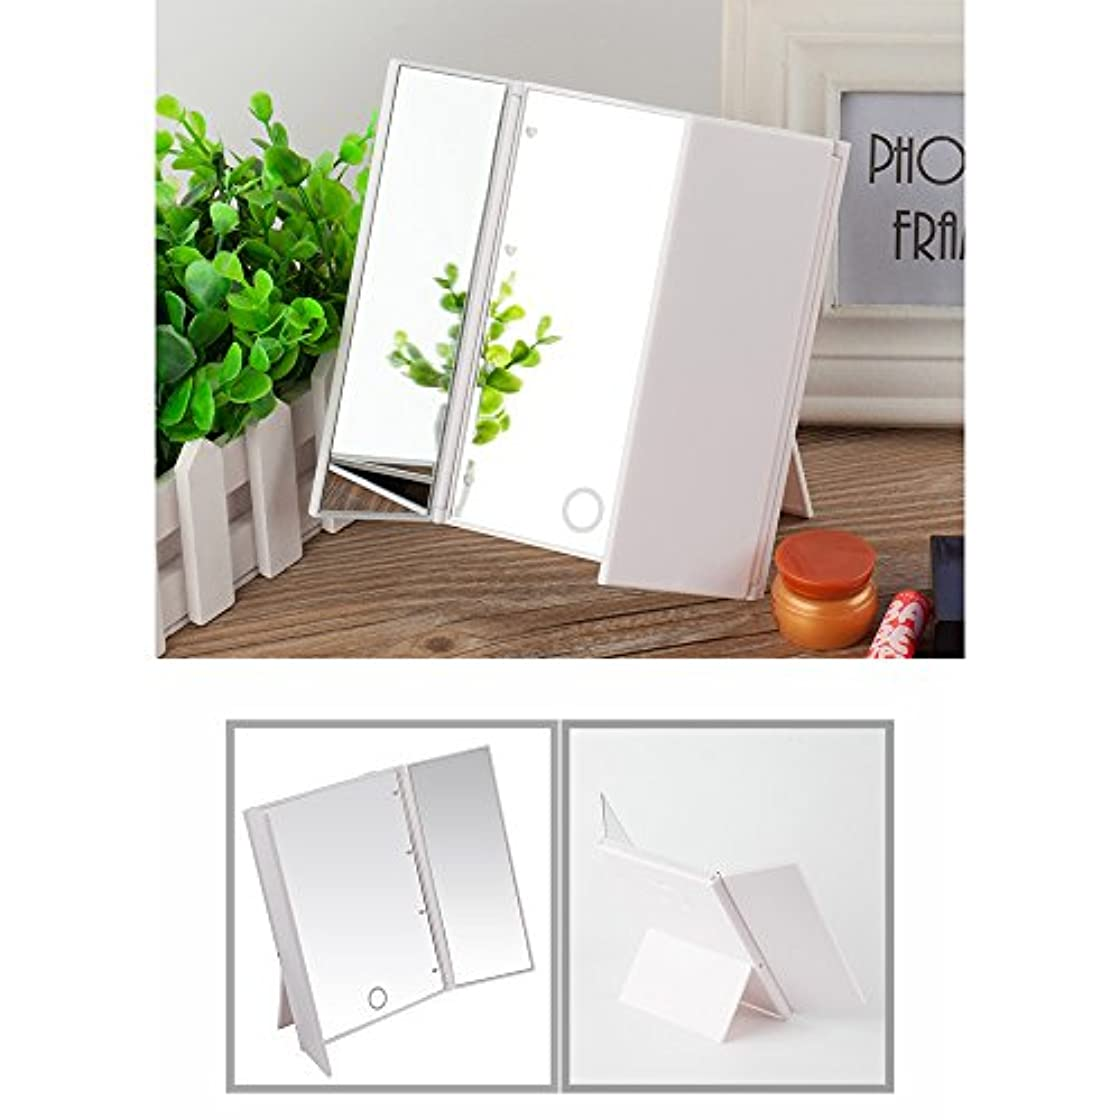 クーポンフィクションボクシングLED化粧鏡 特大のサイズ 拡大鏡付き 卓上 三面鏡 LED 明るさ調節可 折りたたみ式 タッチ制御で調光可能 ライト付きメイクアップミラー 電池式 ホワイト